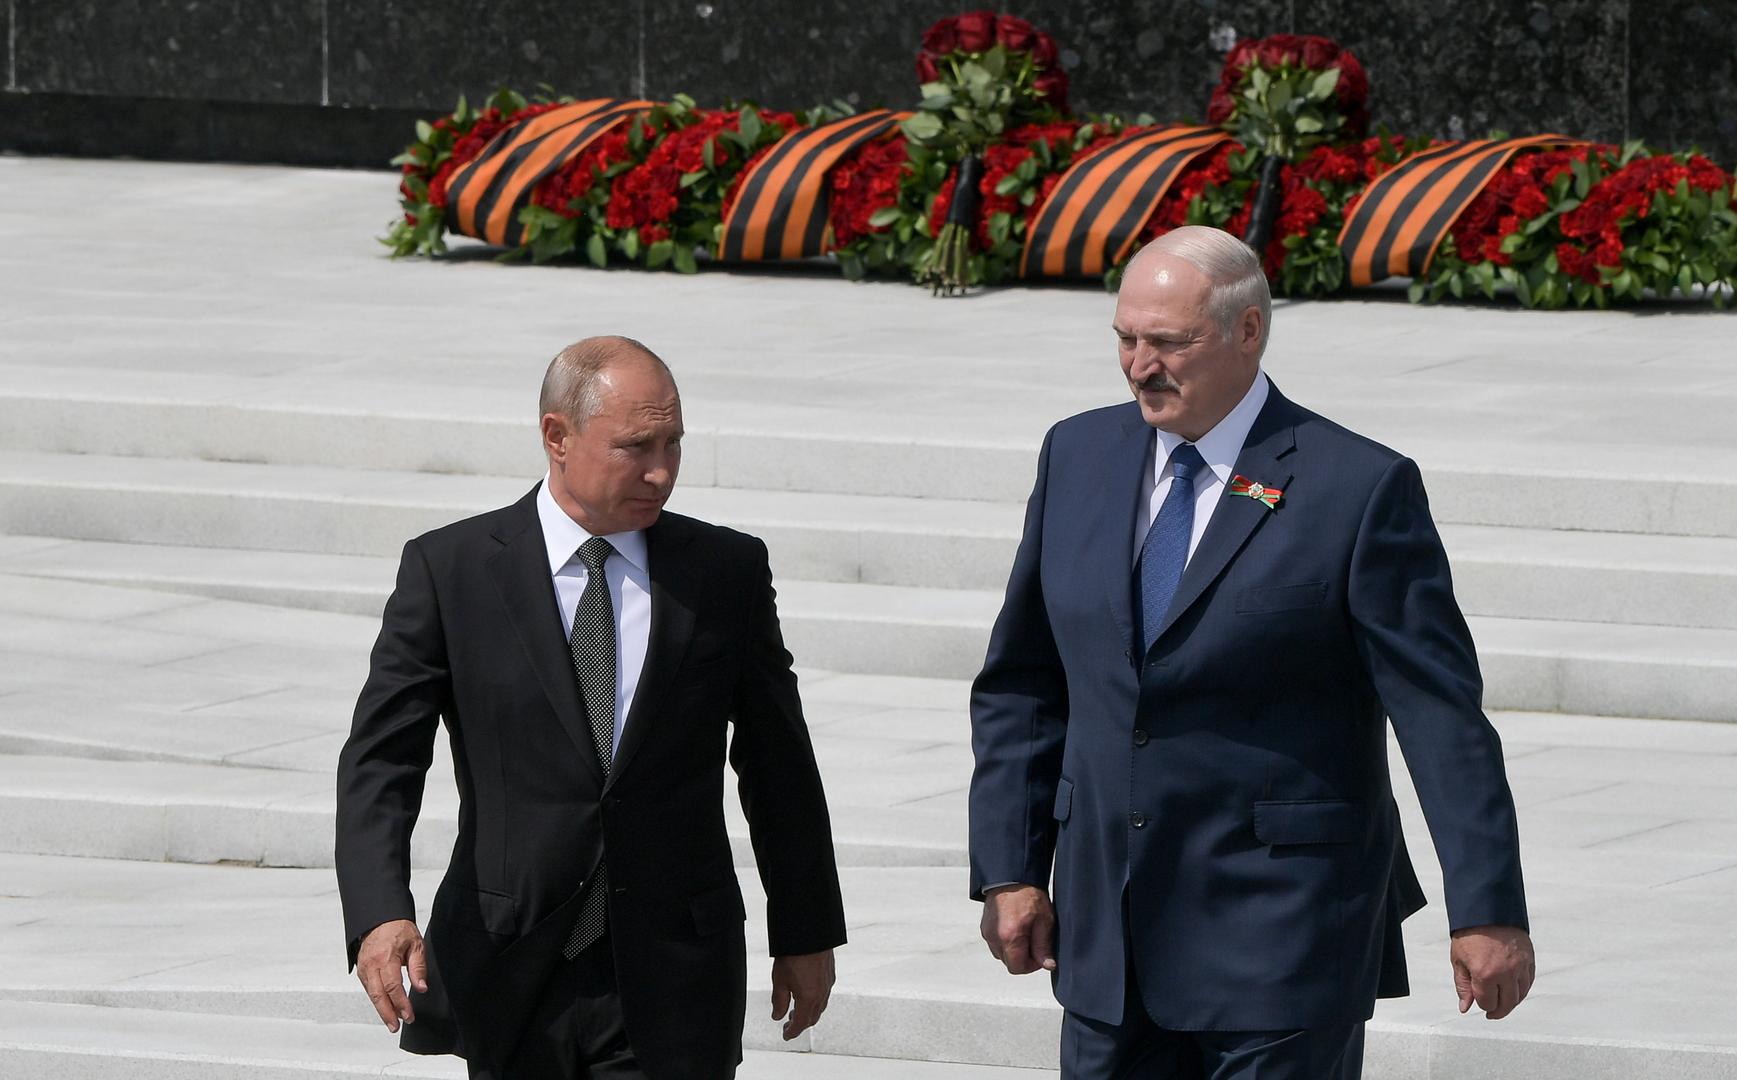 بوتين يبحث مع لوكاشينكو قضية المواطنين الروس المعتقلين في بيلاروس